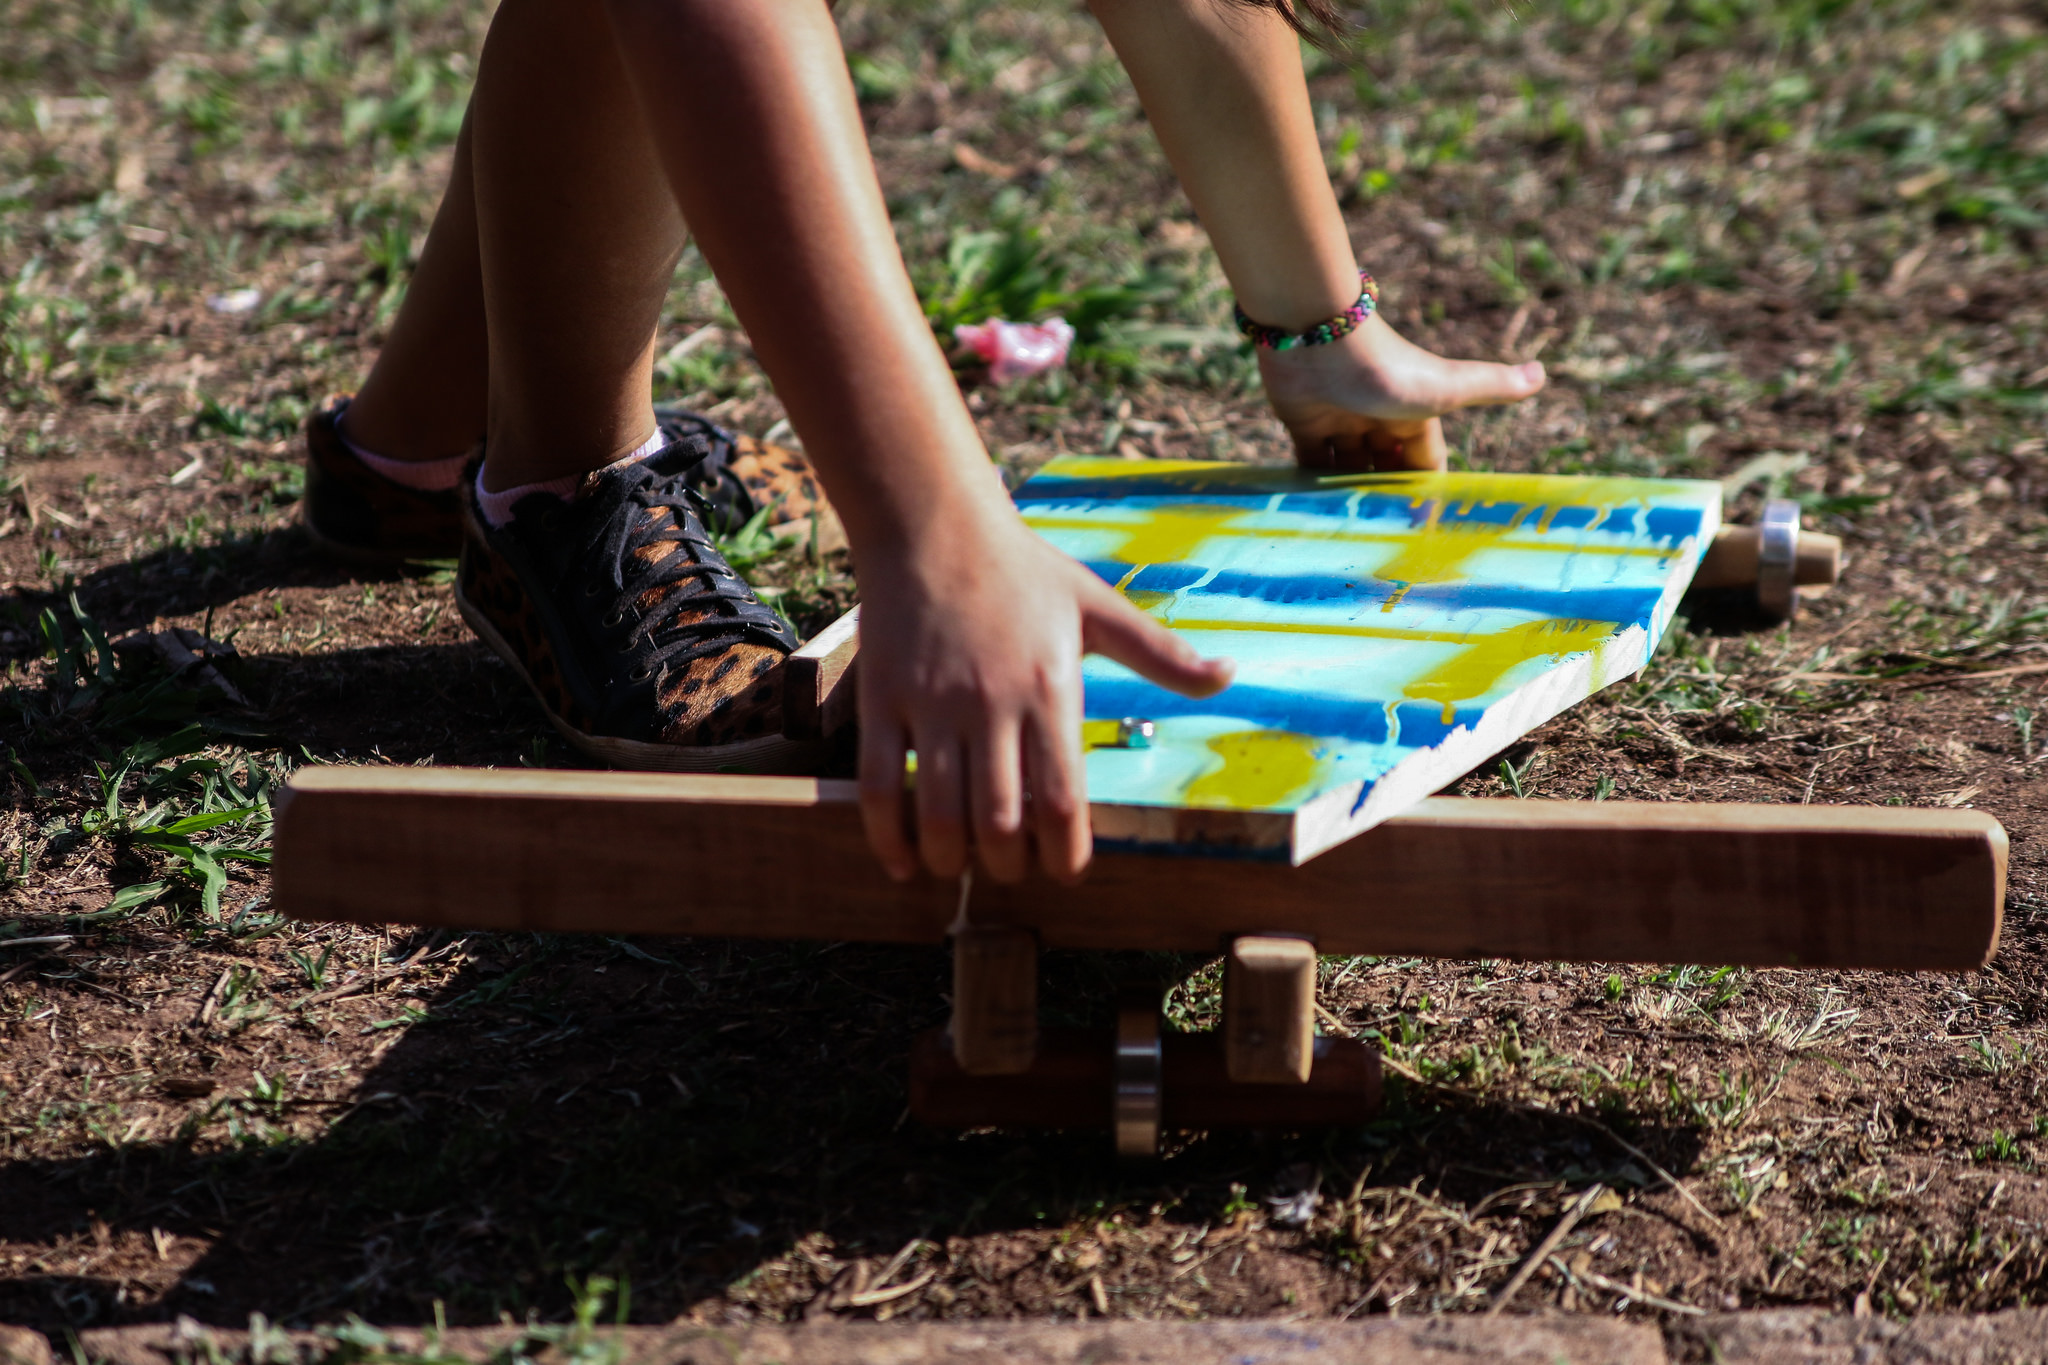 Aproveite o Dia das Crianças para relembrar algumas brincadeiras do passado